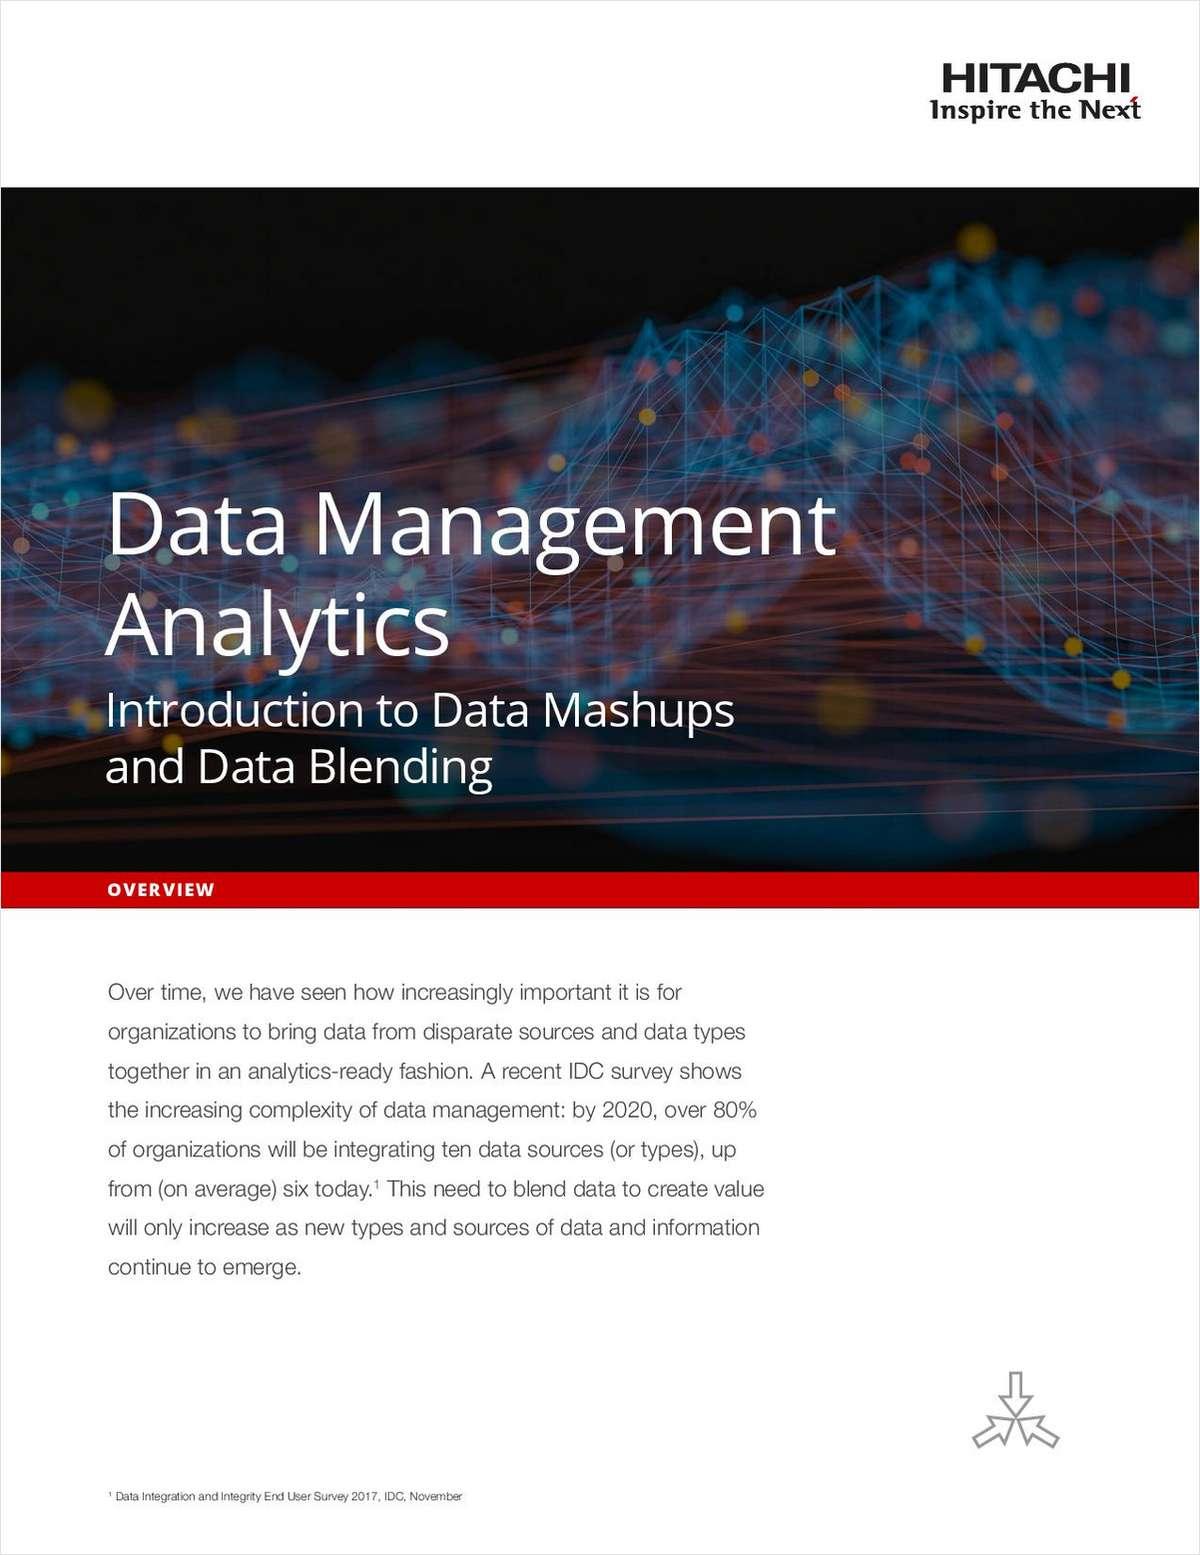 Data Management Analytics